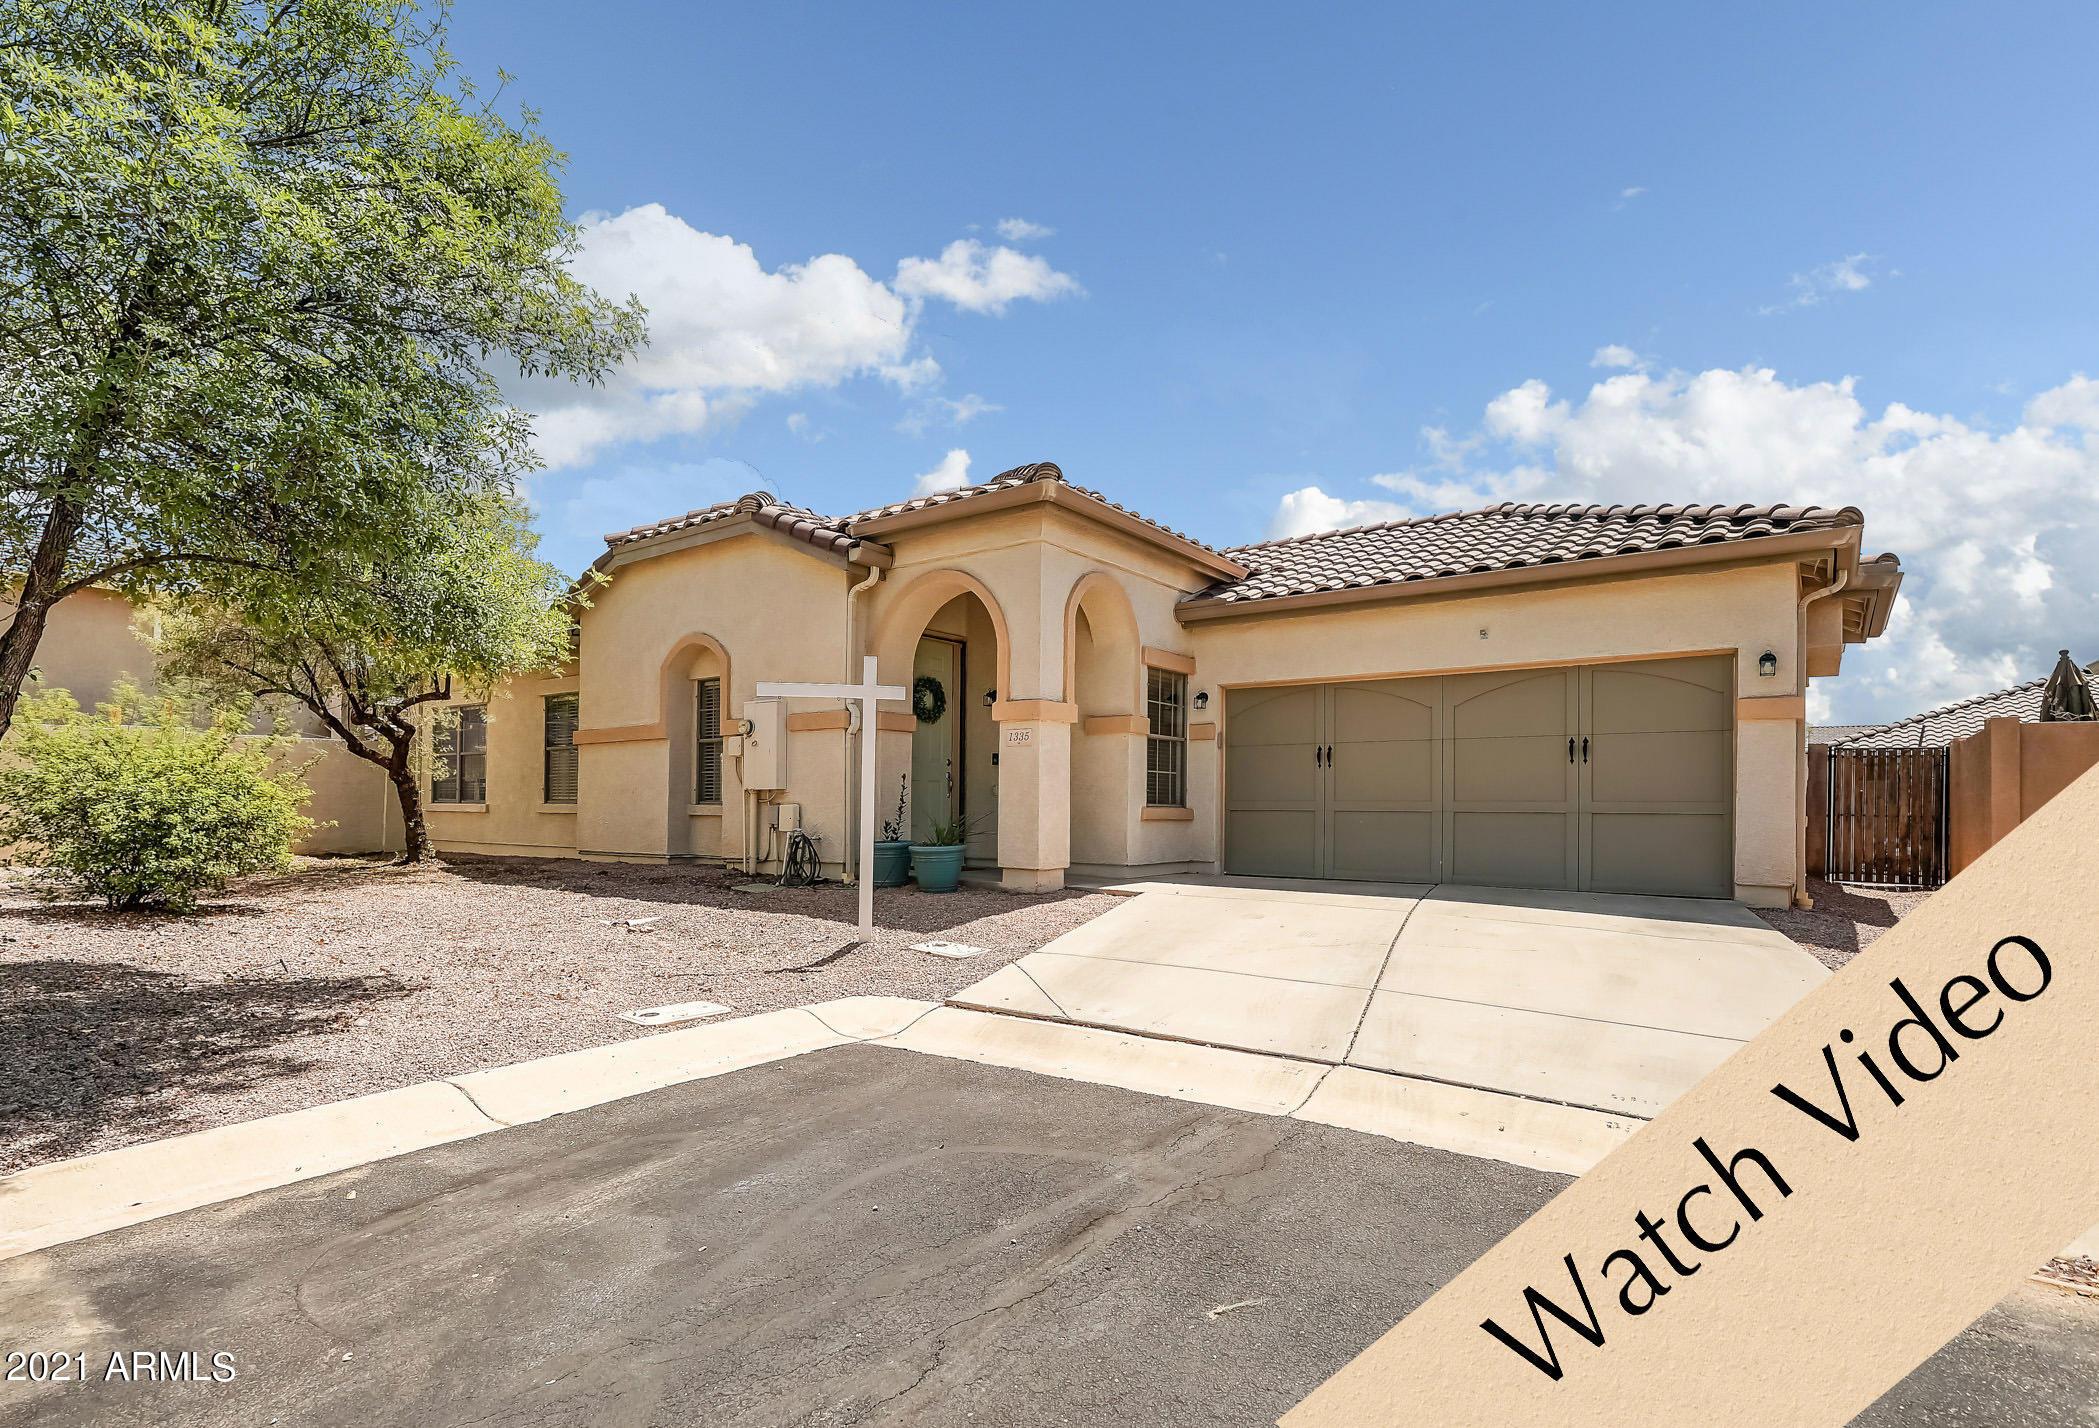 1335 BRIDGEGATE Drive, Gilbert, Arizona 85296, 3 Bedrooms Bedrooms, ,2 BathroomsBathrooms,Residential,For Sale,BRIDGEGATE,6276314